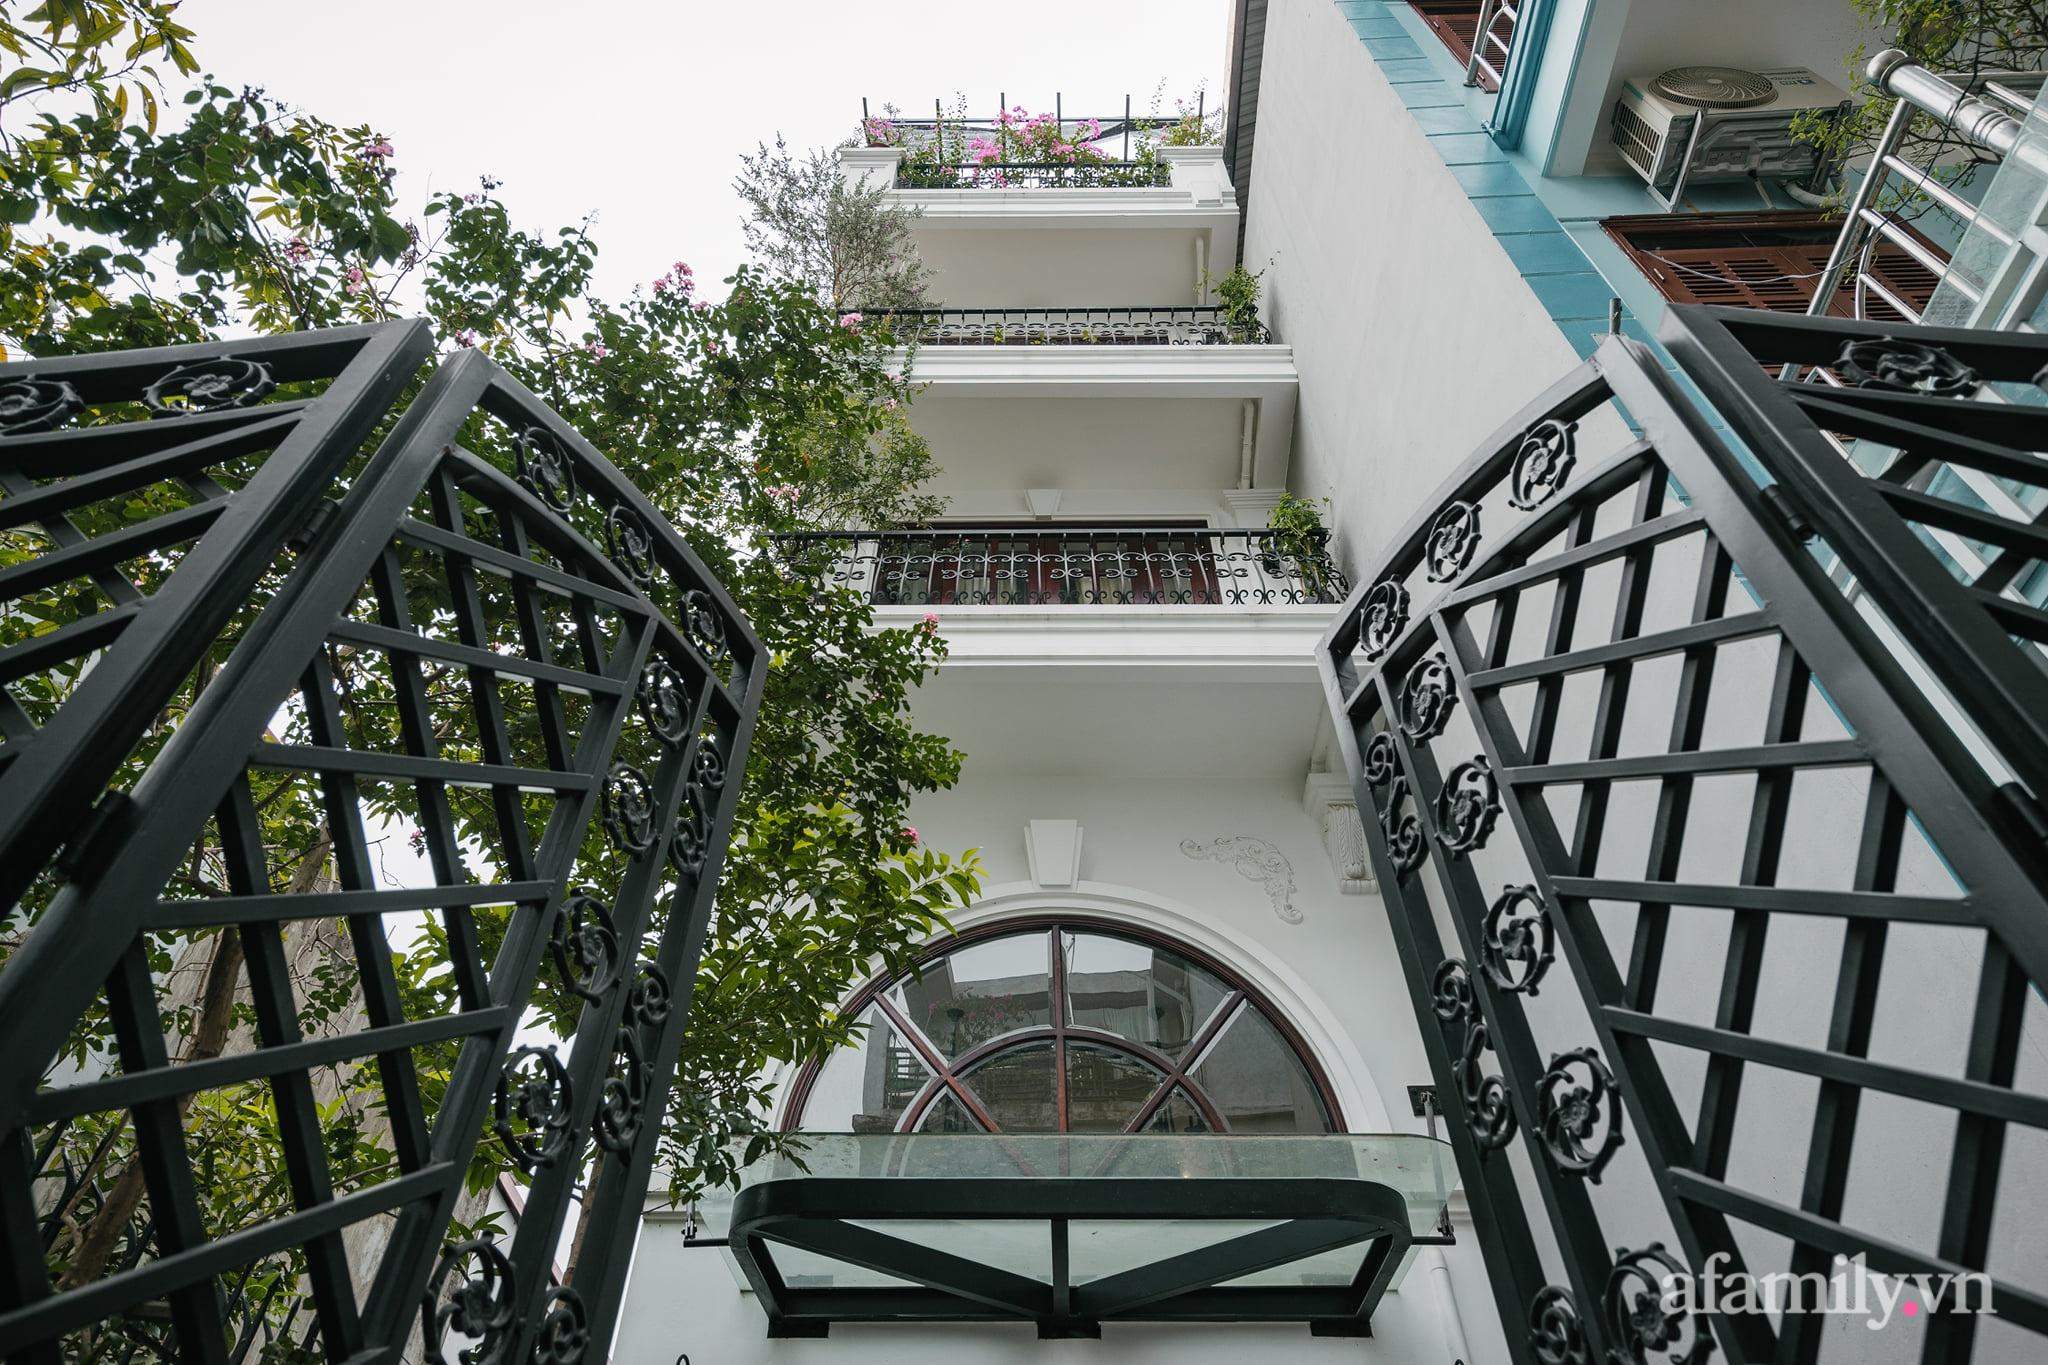 Căn nhà của miền ký ức được xây dựng từ lòng hiếu thảo của con trai dành cho bố mẹ ở Long Biên, Hà Nội - Ảnh 1.